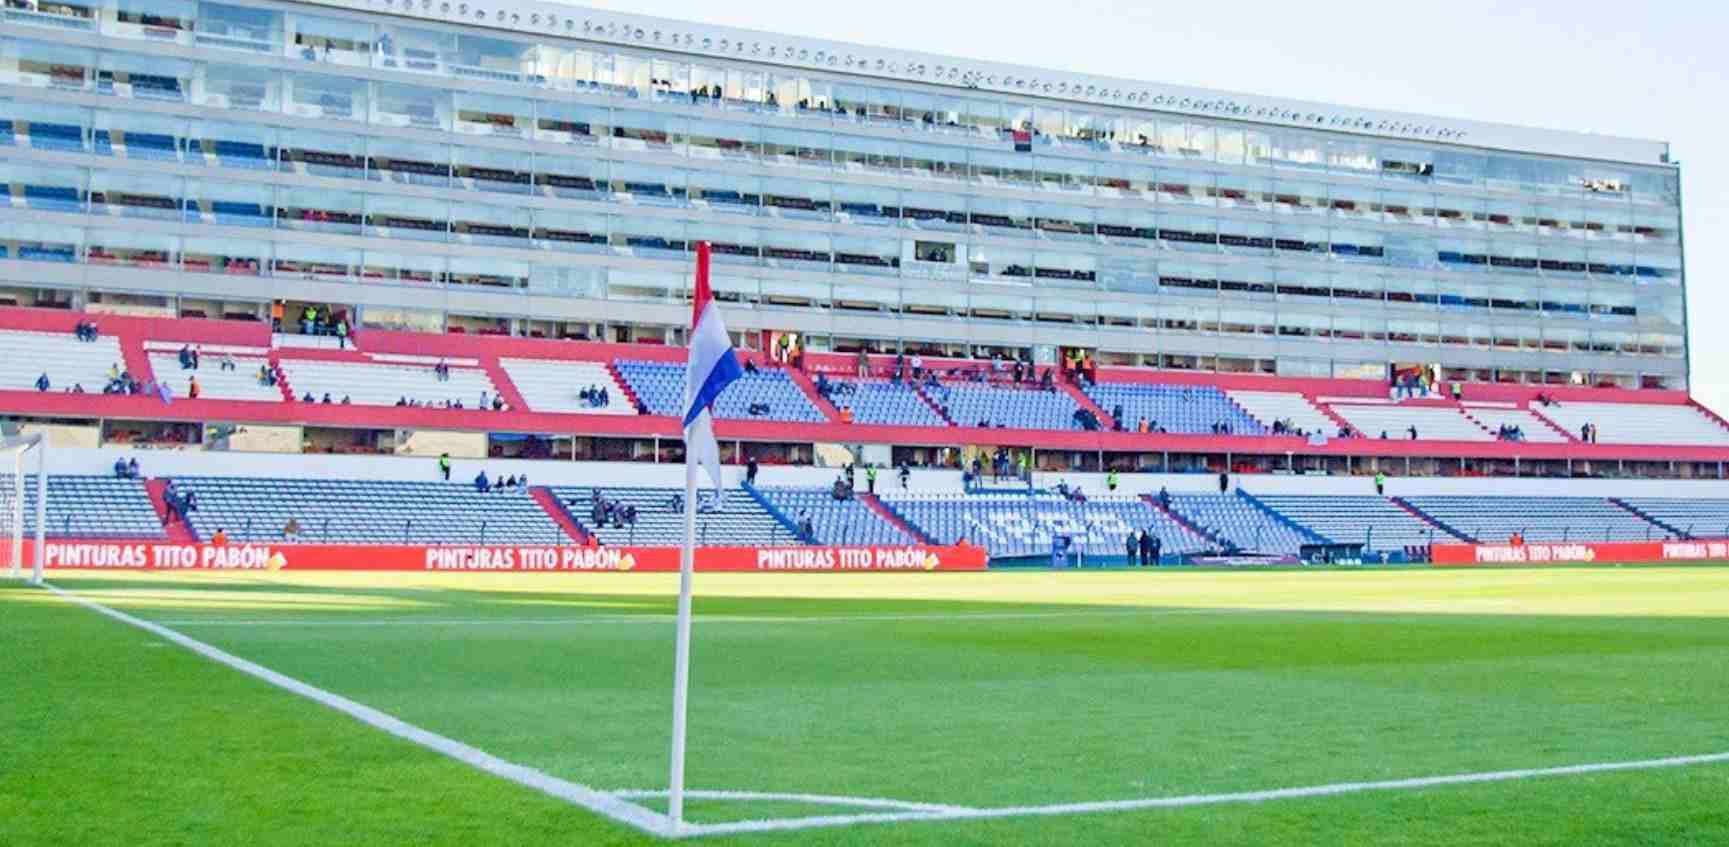 Formación titular de la Selección Colombia contra Uruguay